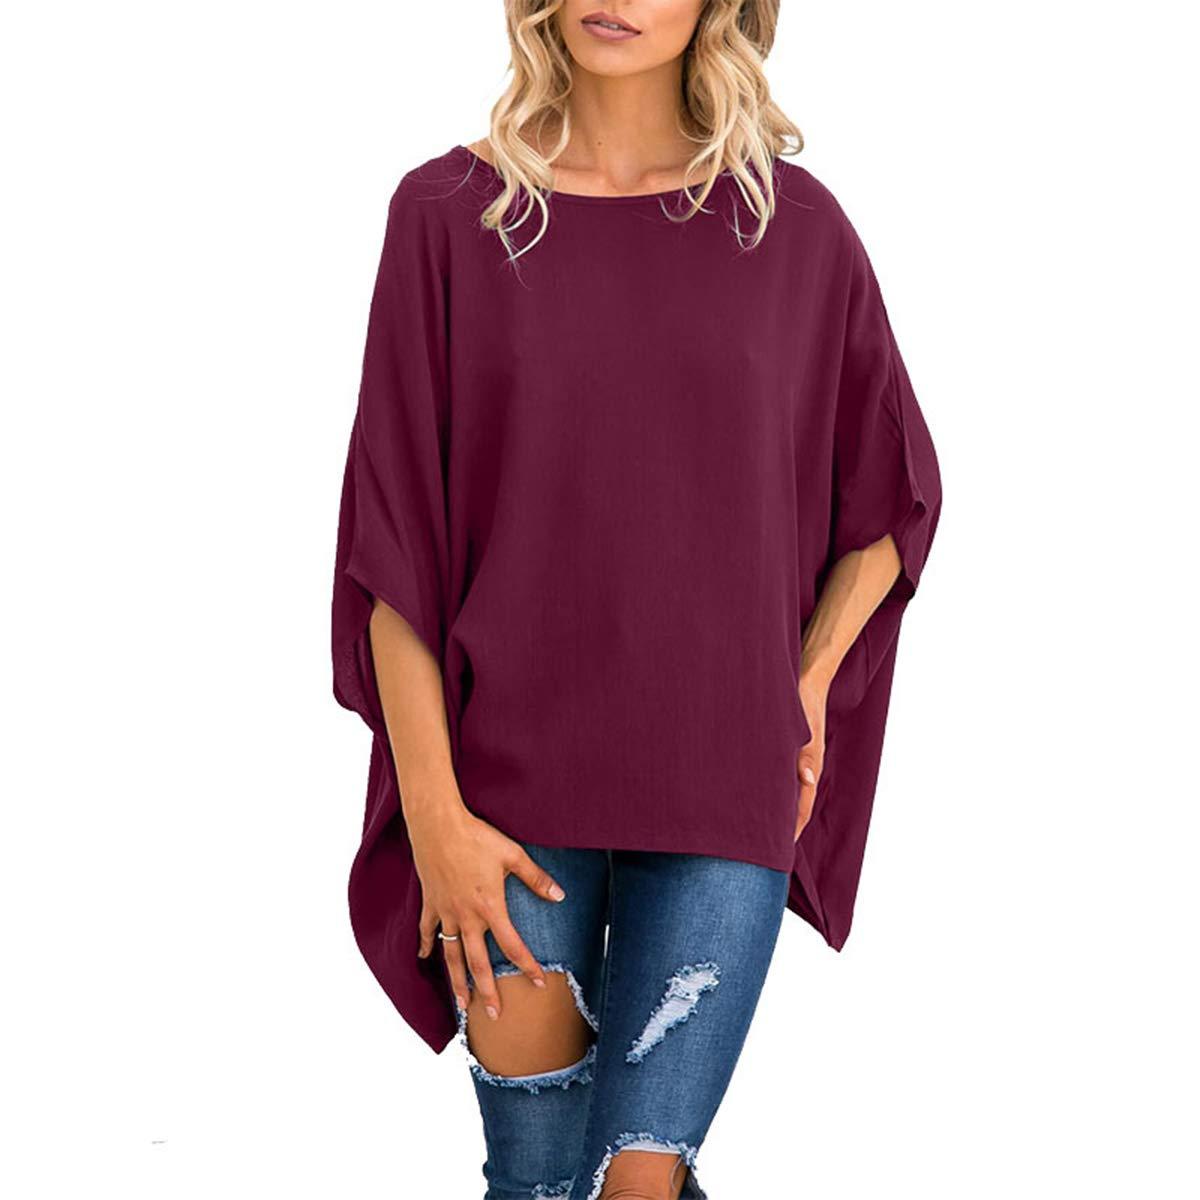 Deep red Flextiicinax Plus Size Solid Shirt Crew Neck Irregular Hem Long Sleeve Women's Maxi Blouse